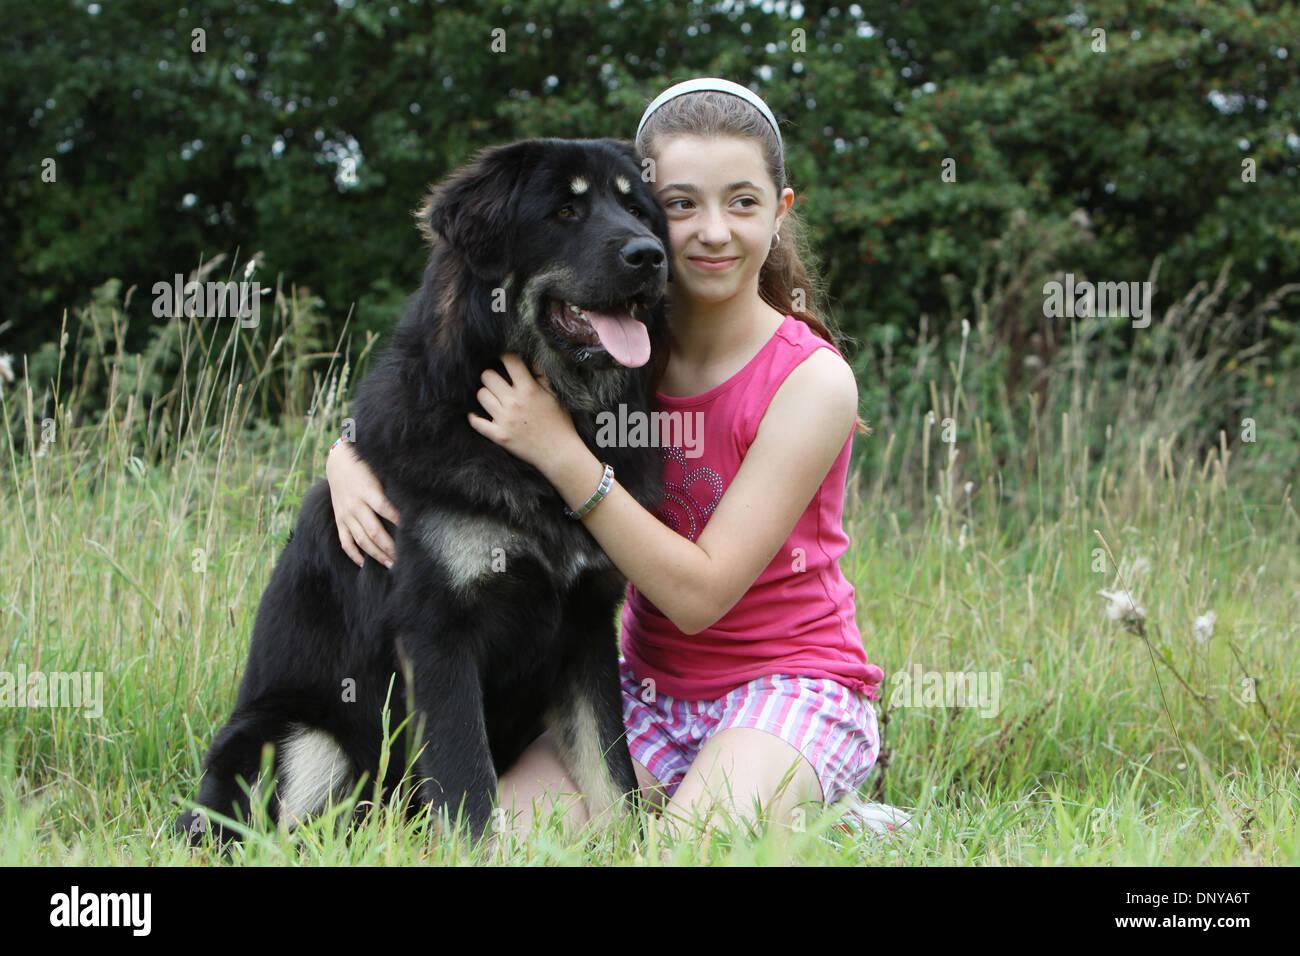 Dog Tibetan Mastiff / do-khyi / Tibetdogge adult and two girls - Stock Image